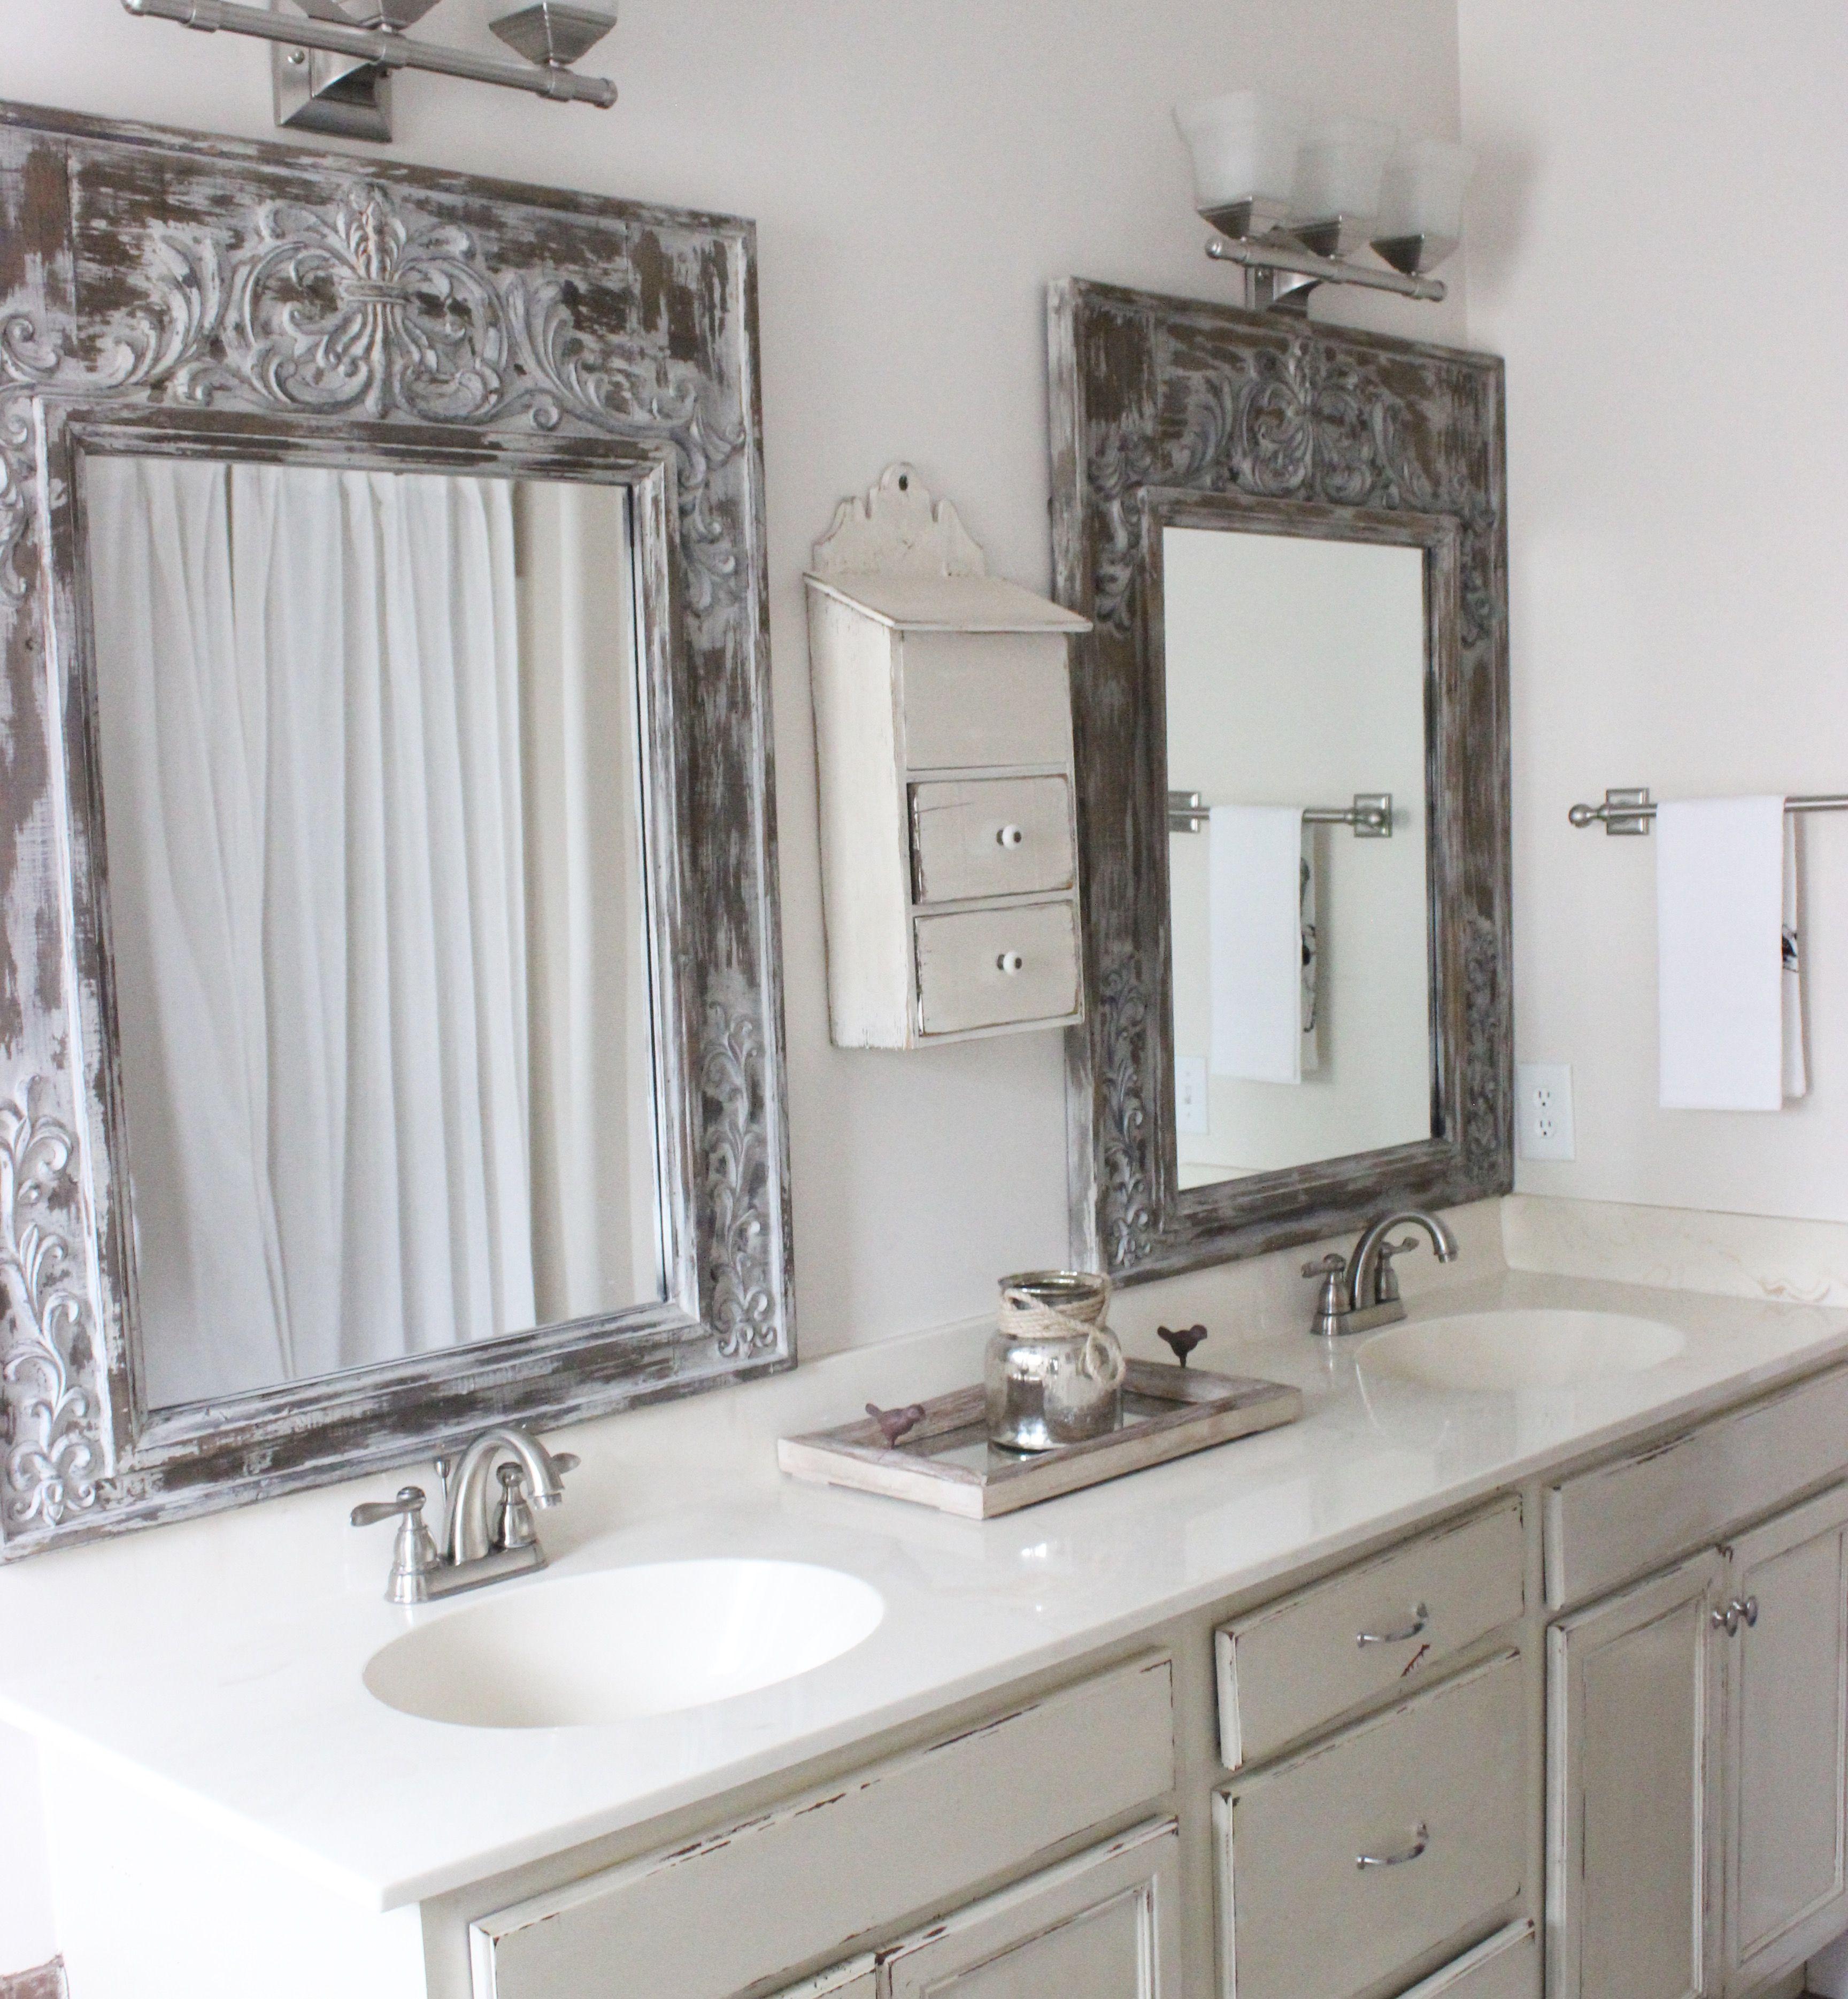 Bathroom Mirrors Hobby Lobby master bathroom, hobby lobby mirrors, white bathroom, white